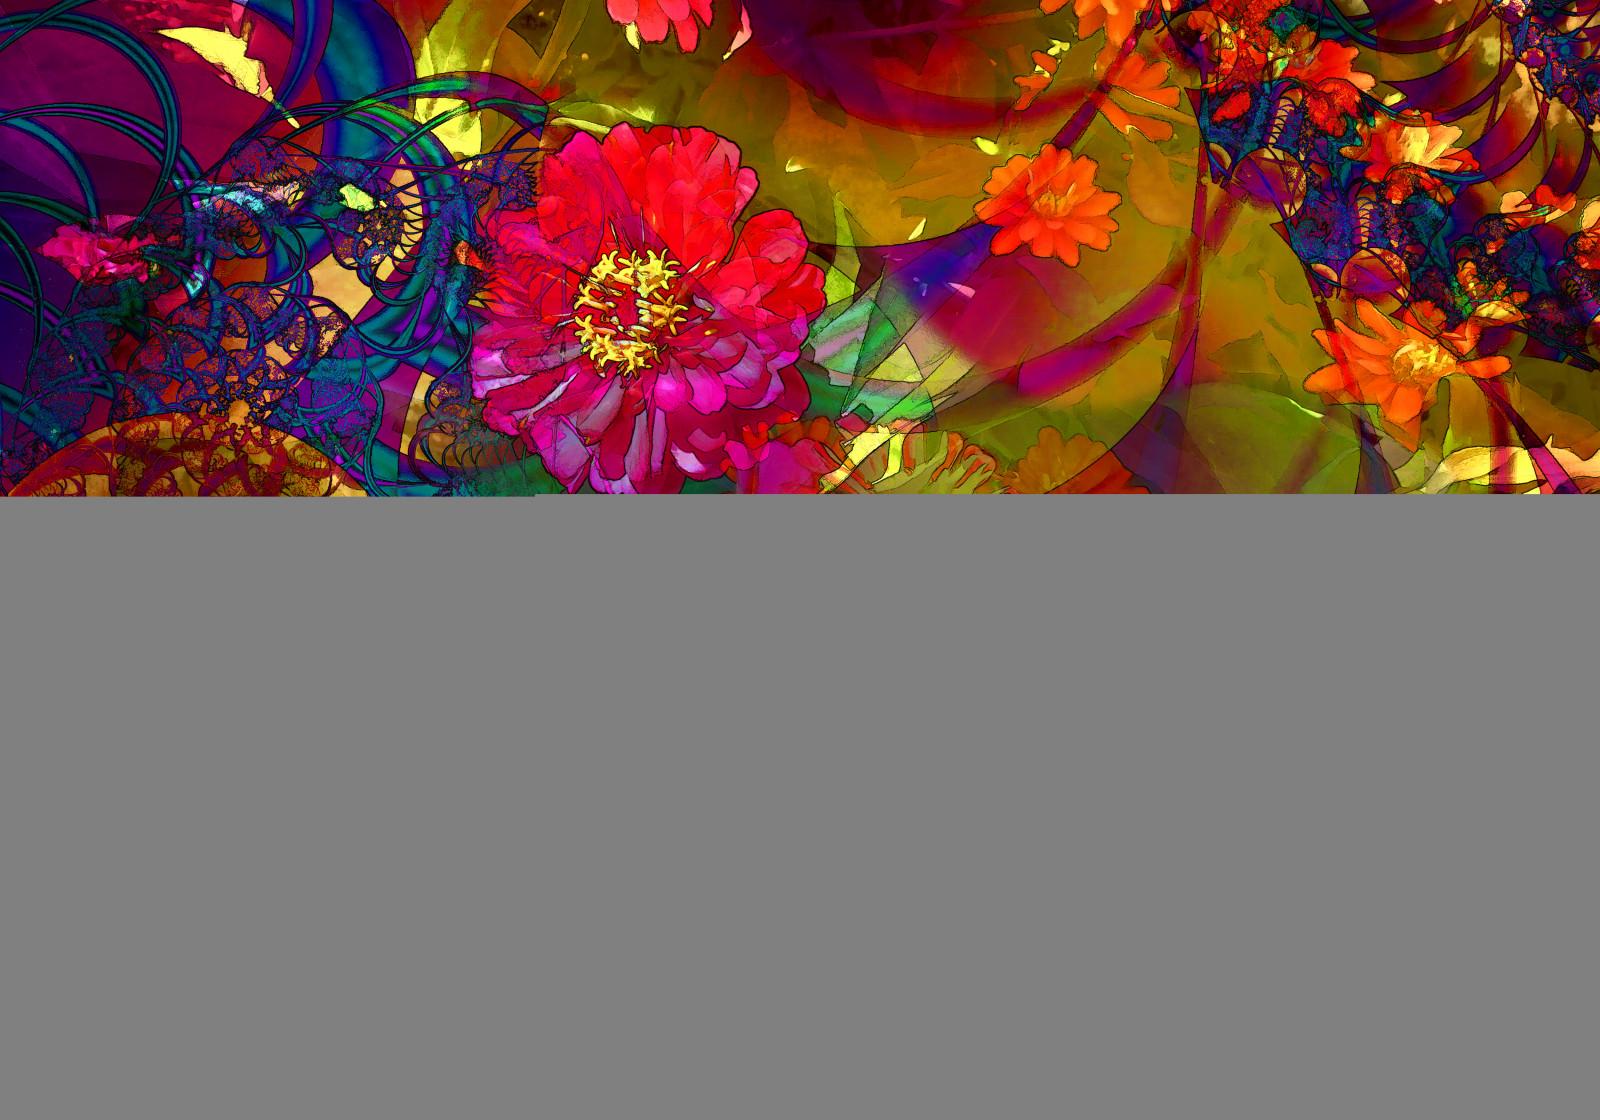 Hintergrundbilder Bunt Photoshop Blumen Garten Natur Collage Fotografie Muster Psychedelisch Blumen Kunst Farbe Blume Blutenblatt Topas Bildschirmfoto Photmanuplation Moderne Kunst Fraktalkunst 5000x3500 613456